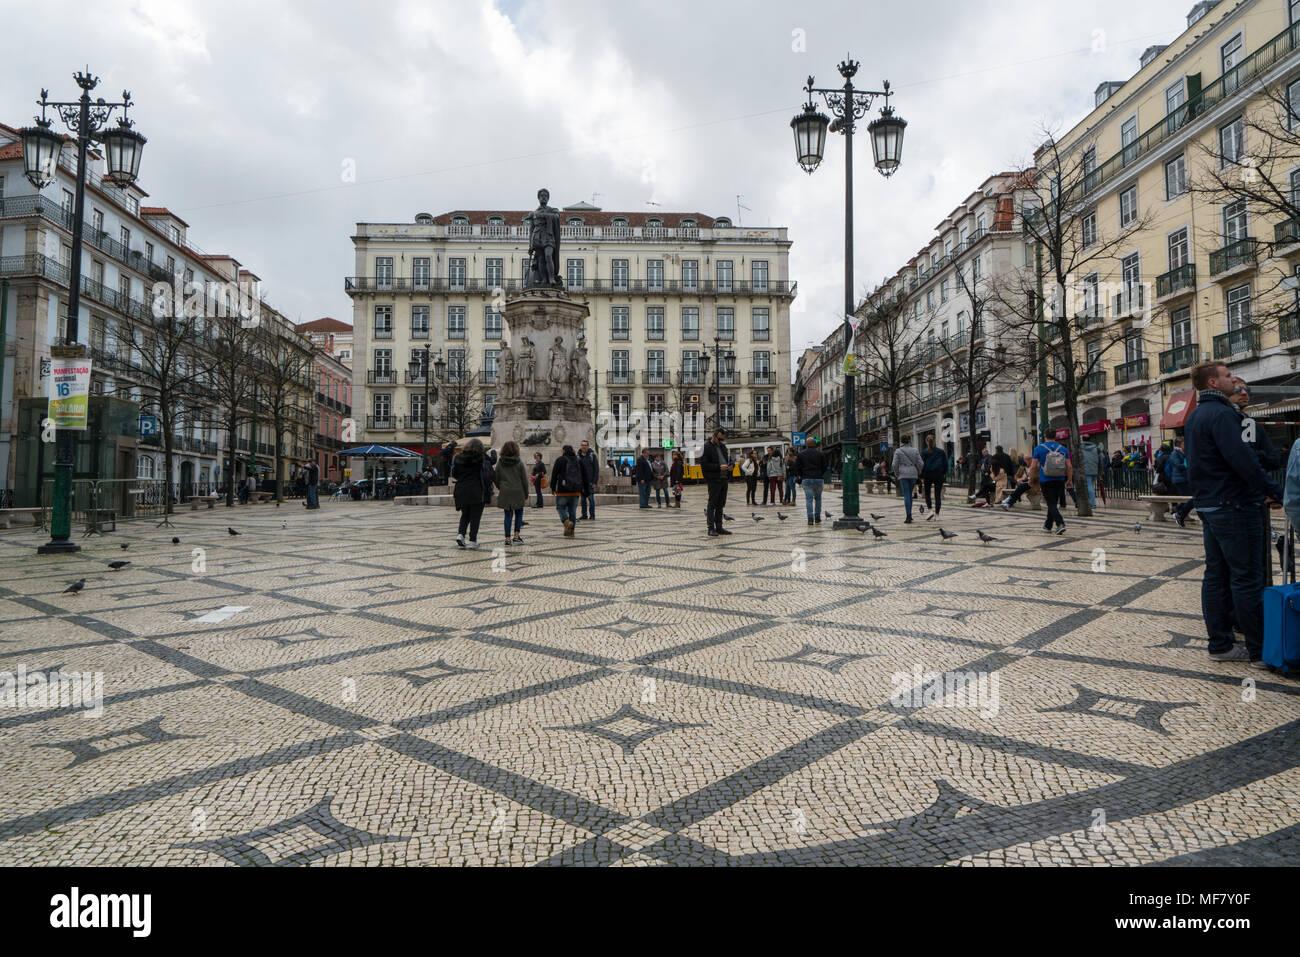 The statue of  the poet Luis de Camões in  Luis de Camões Square in Lisbon, Portugal Stock Photo